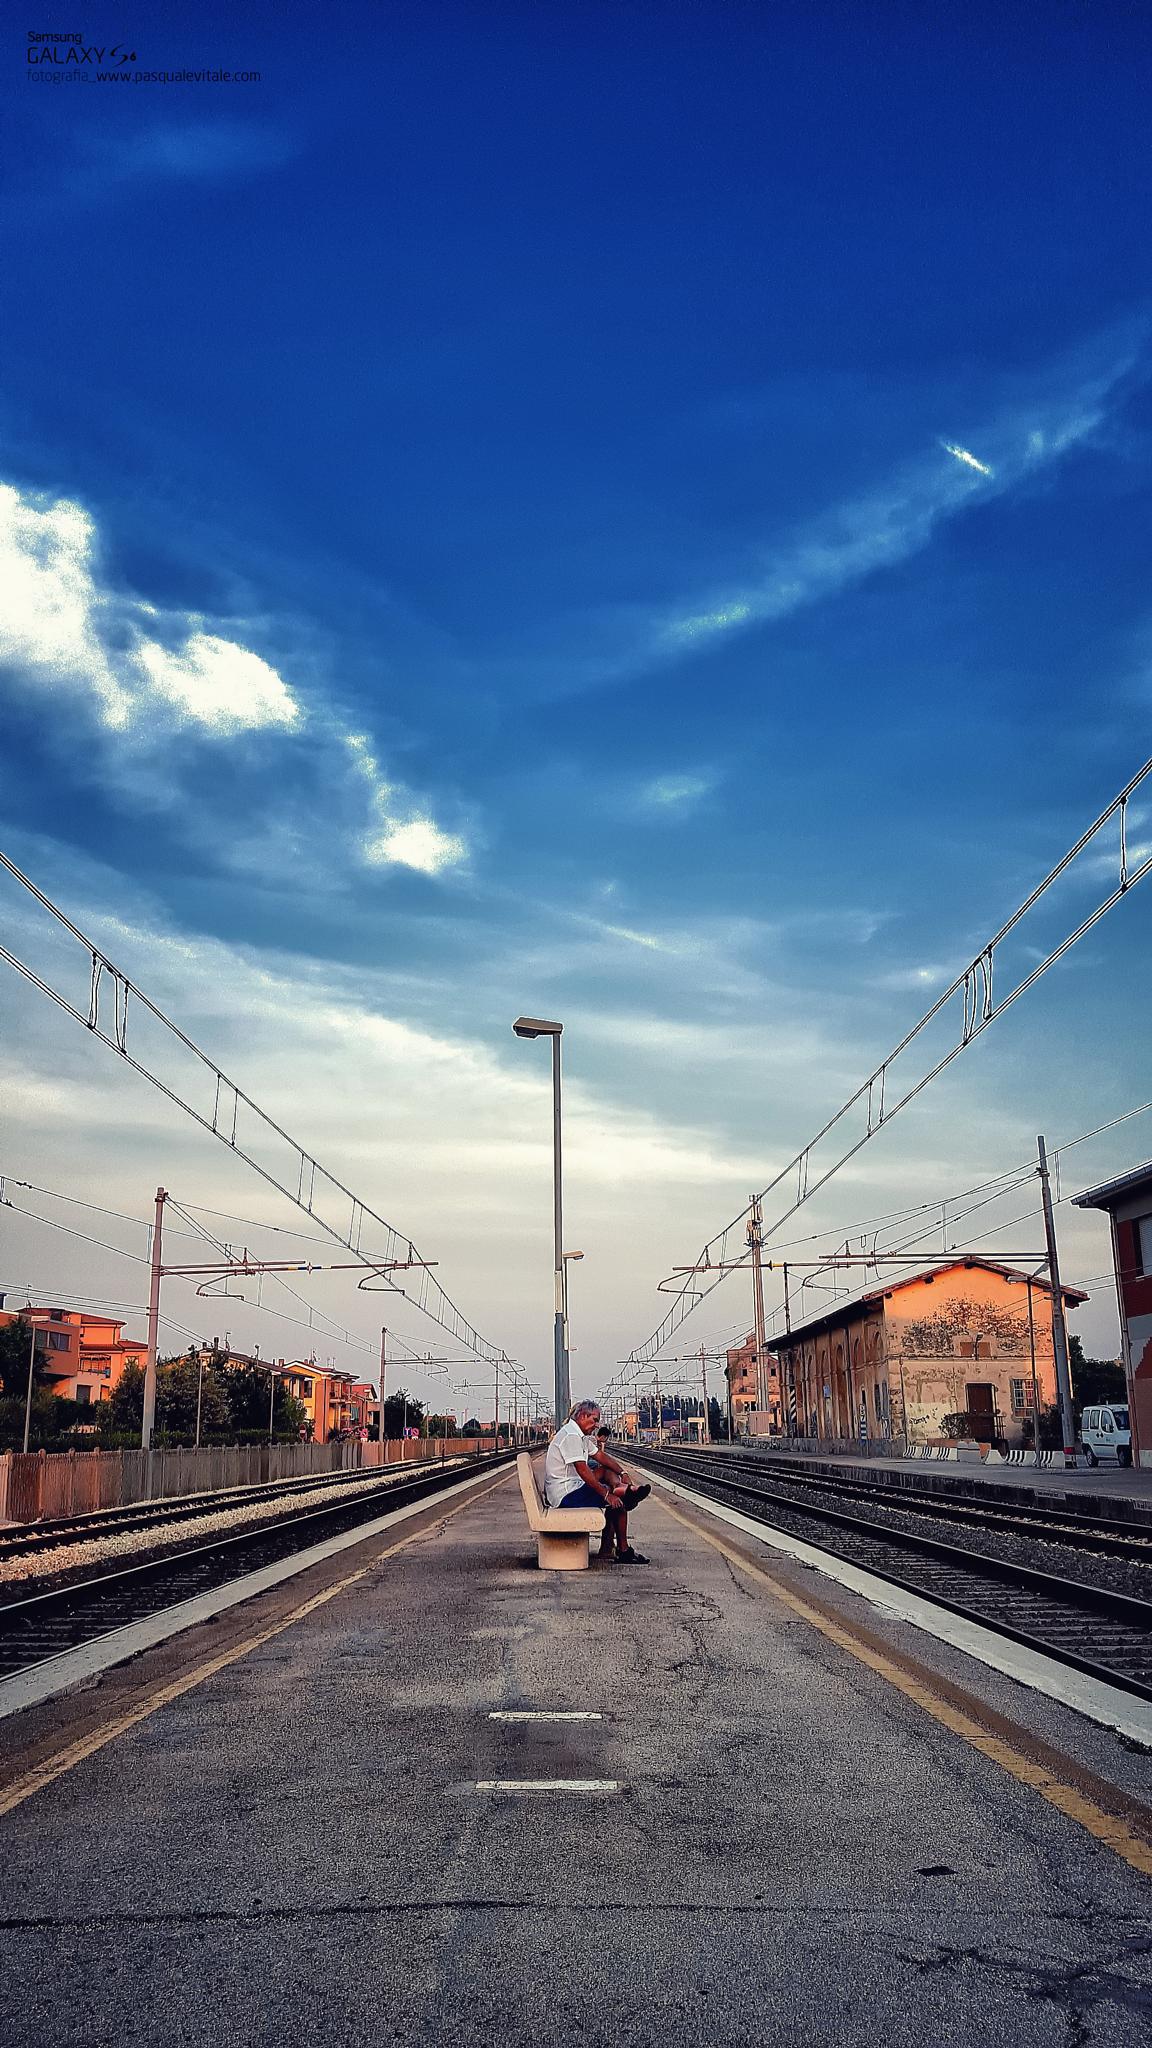 L'attesa by Pasquale Vitale